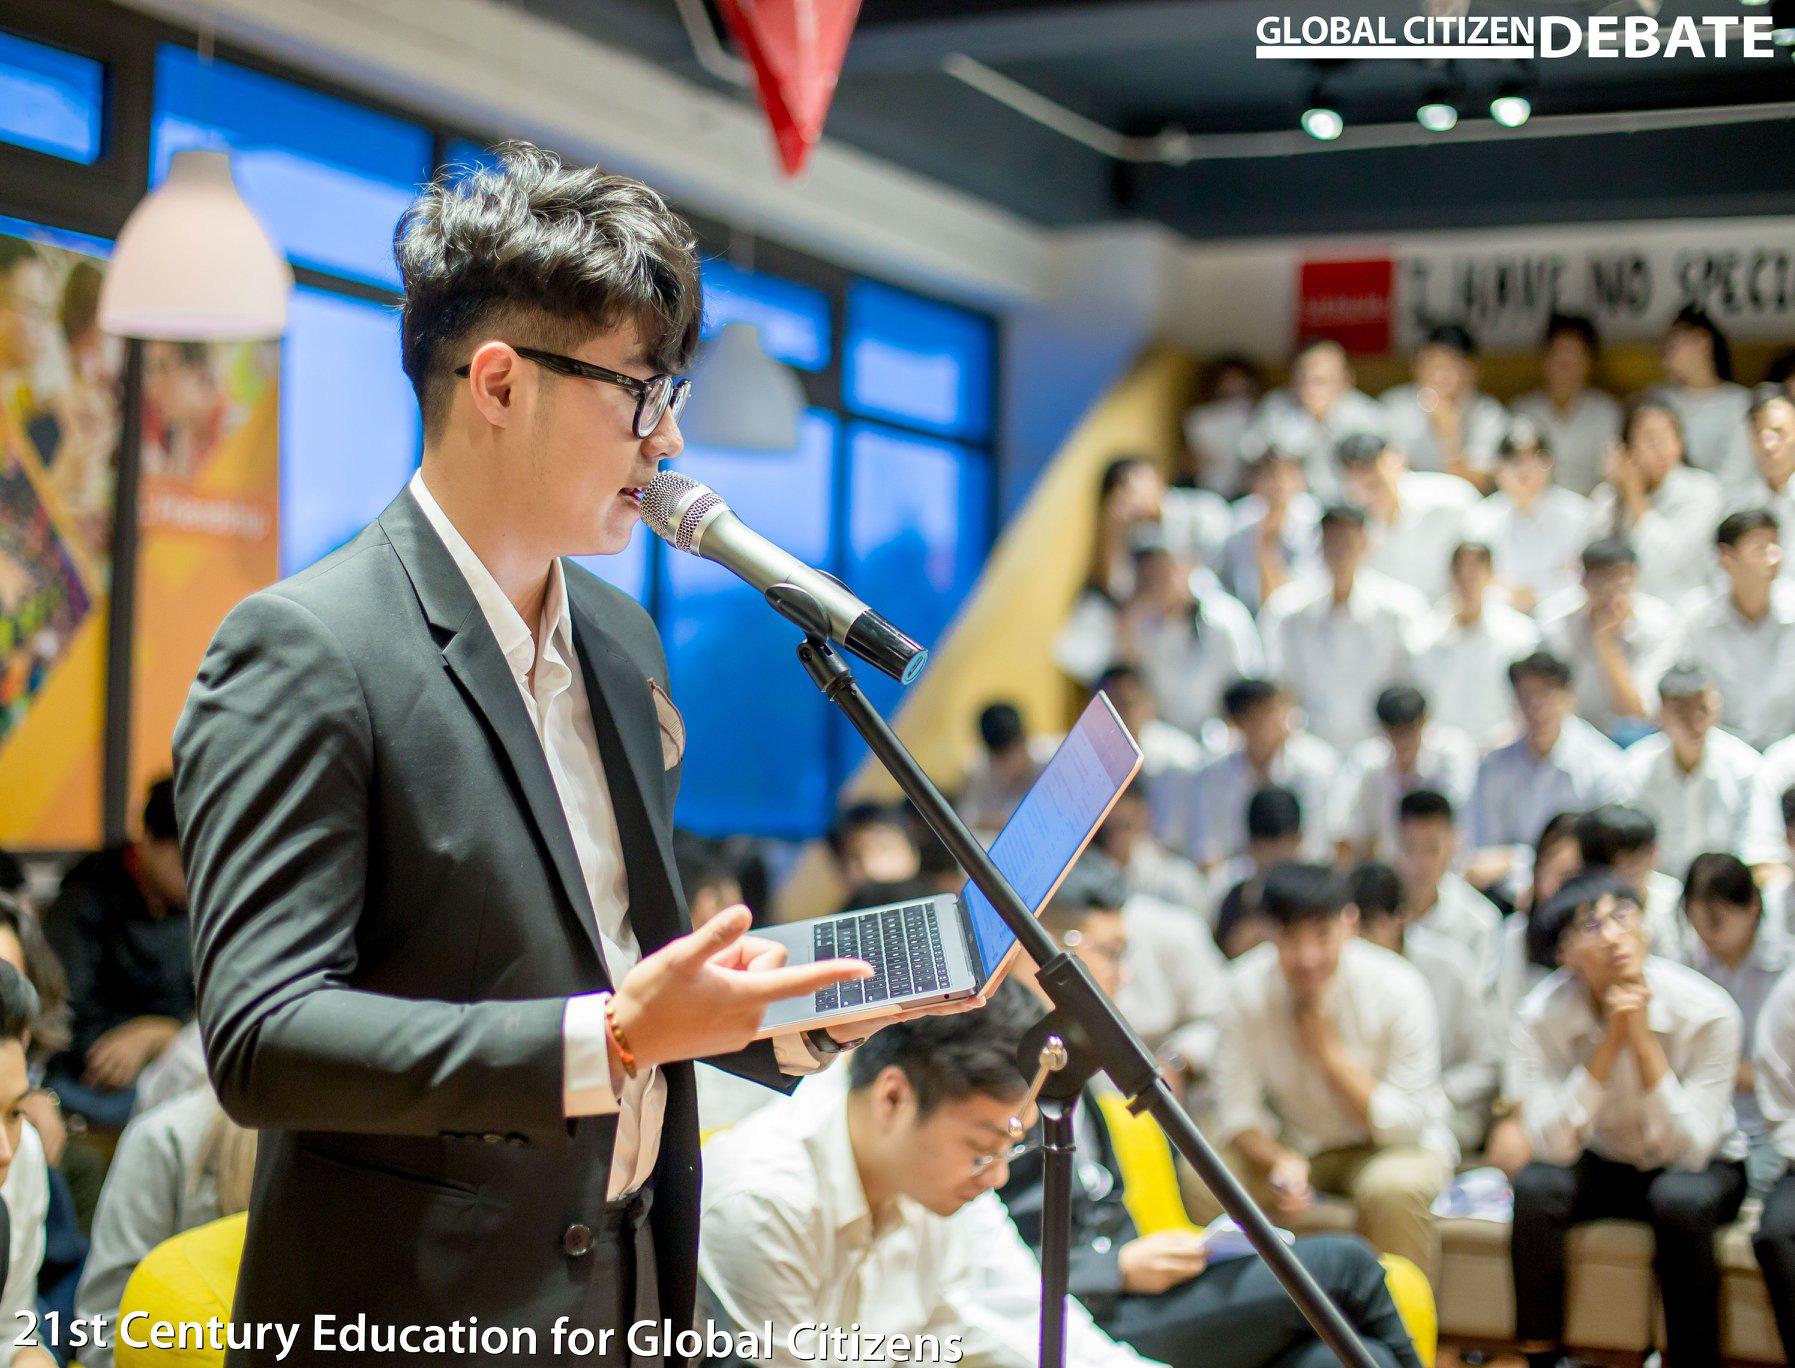 Swinburne Pathway to Global Universities – Cơ hội trải nghiệm học tập quốc tế tại Việt Nam trước khi đi du học - Ảnh 2.